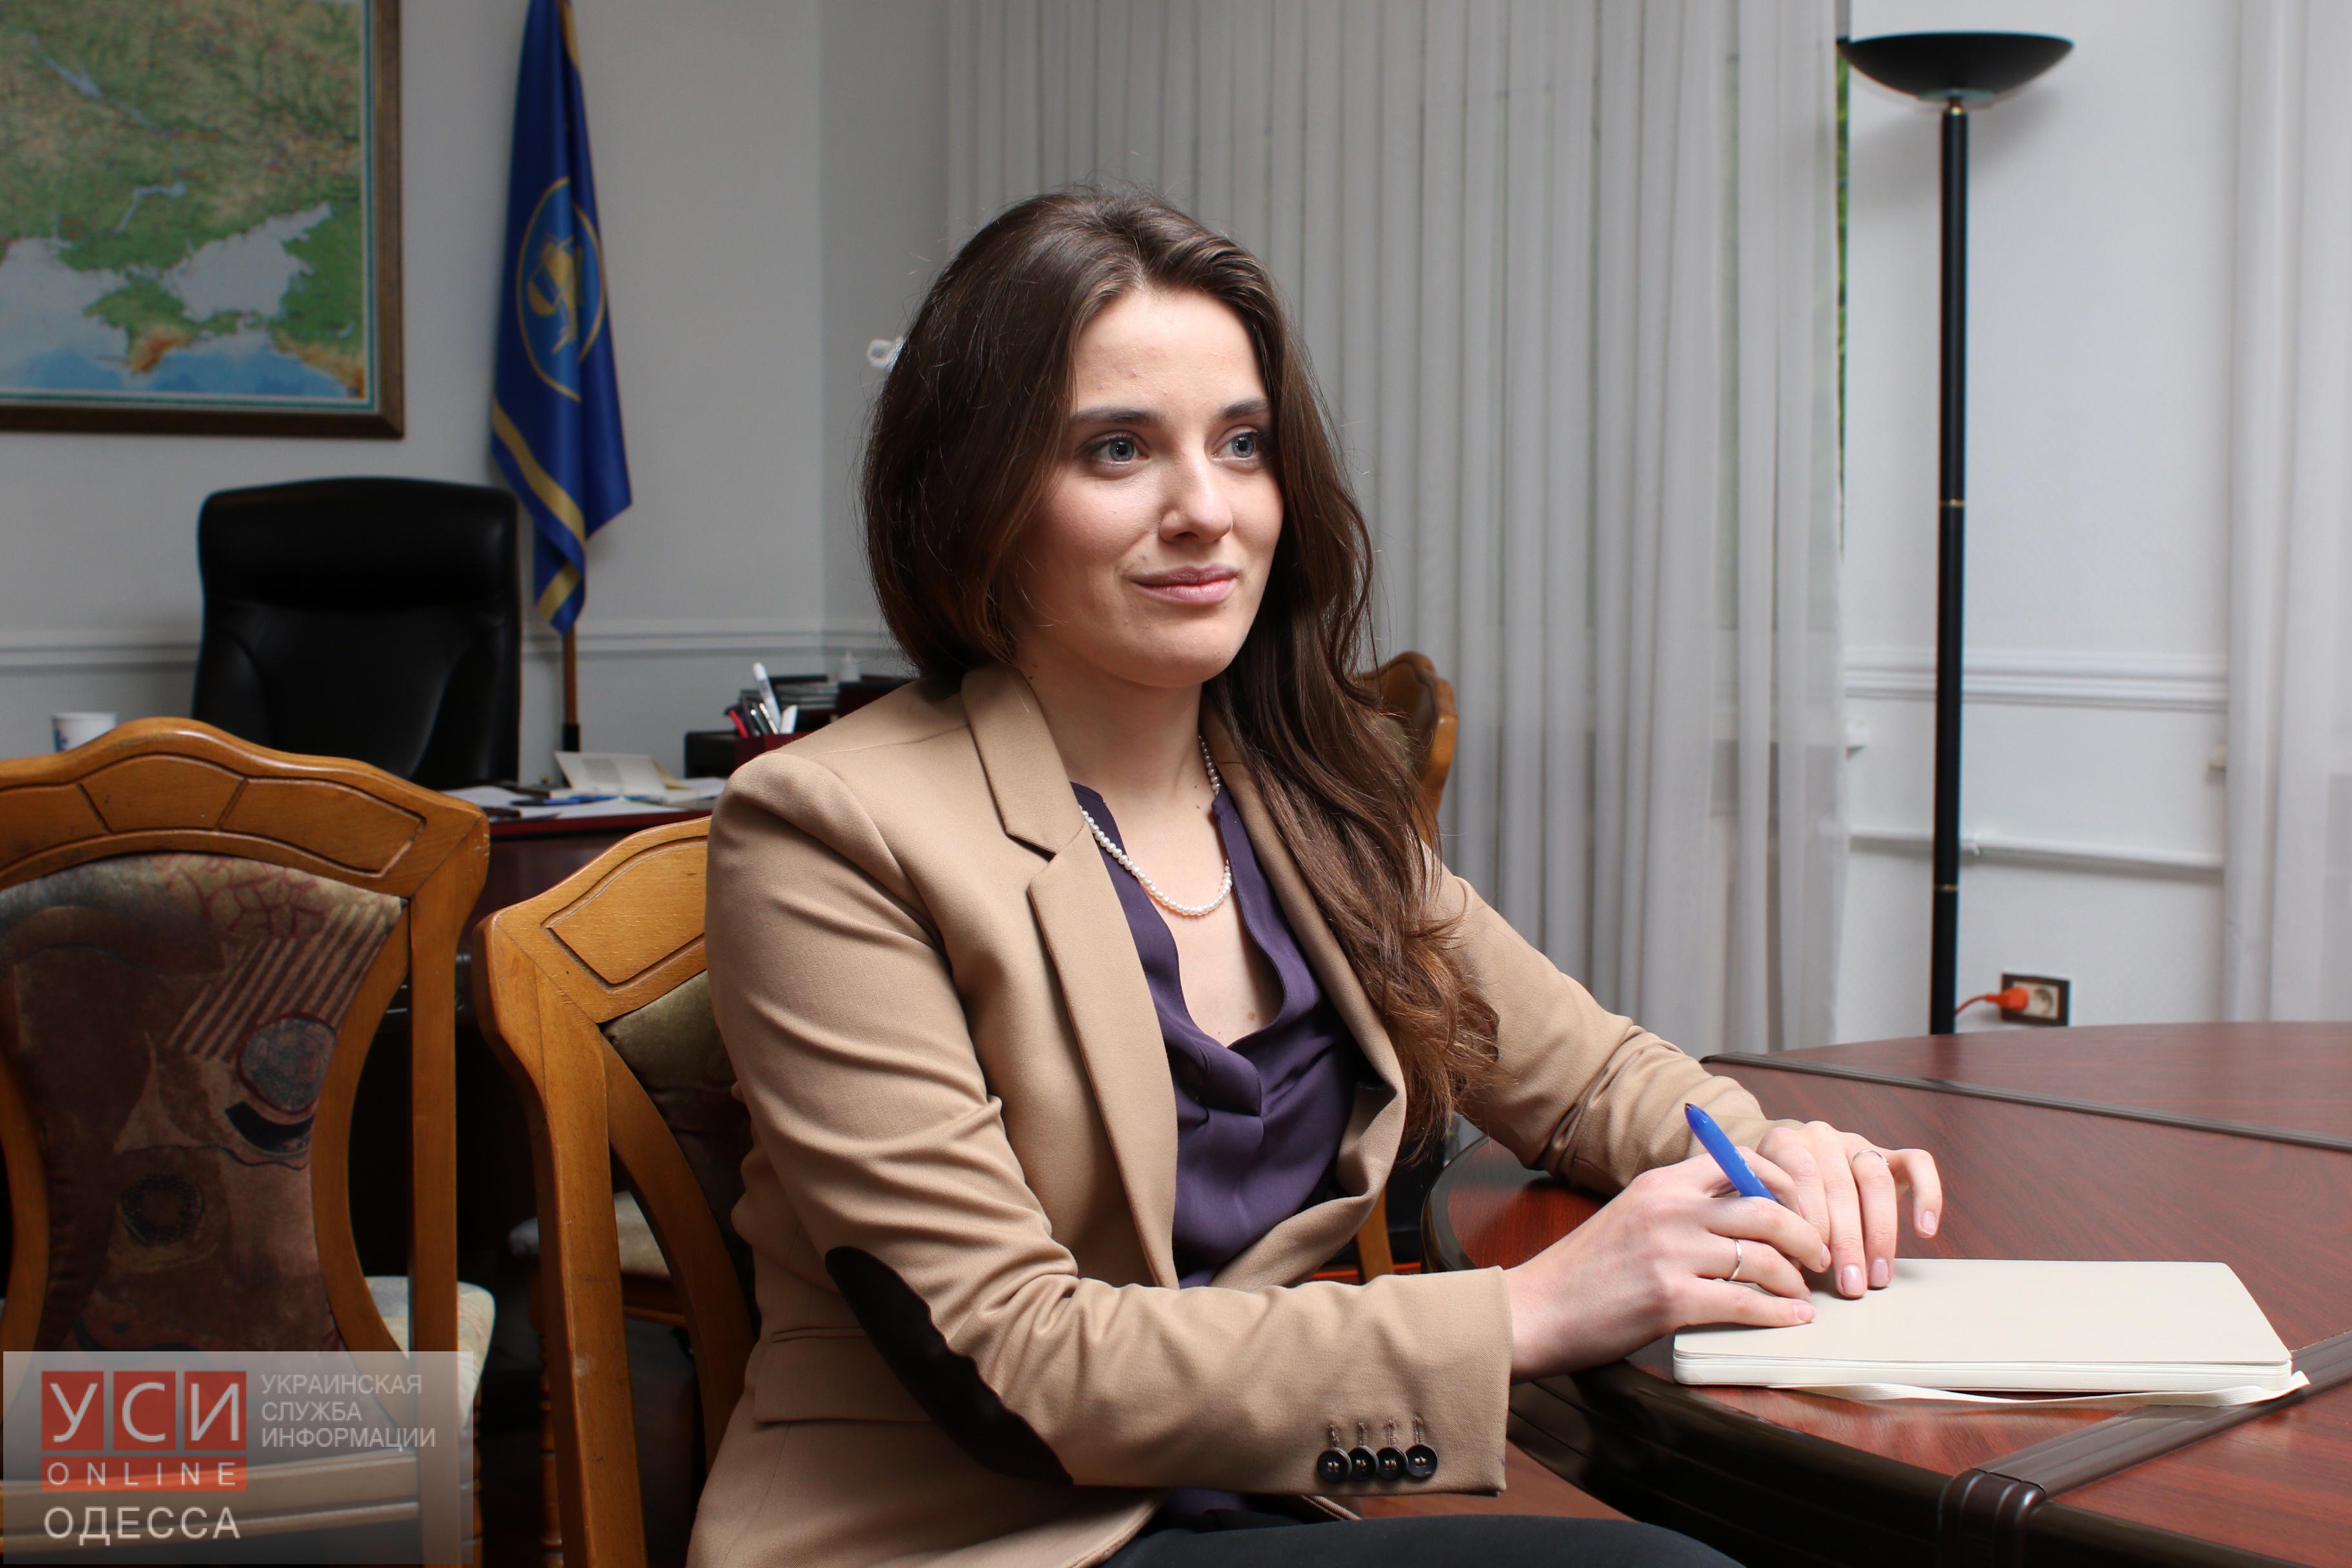 Юлия Марушевская: Одесская таможня – единственный шанс для бизнеса оформлять грузы без взяток